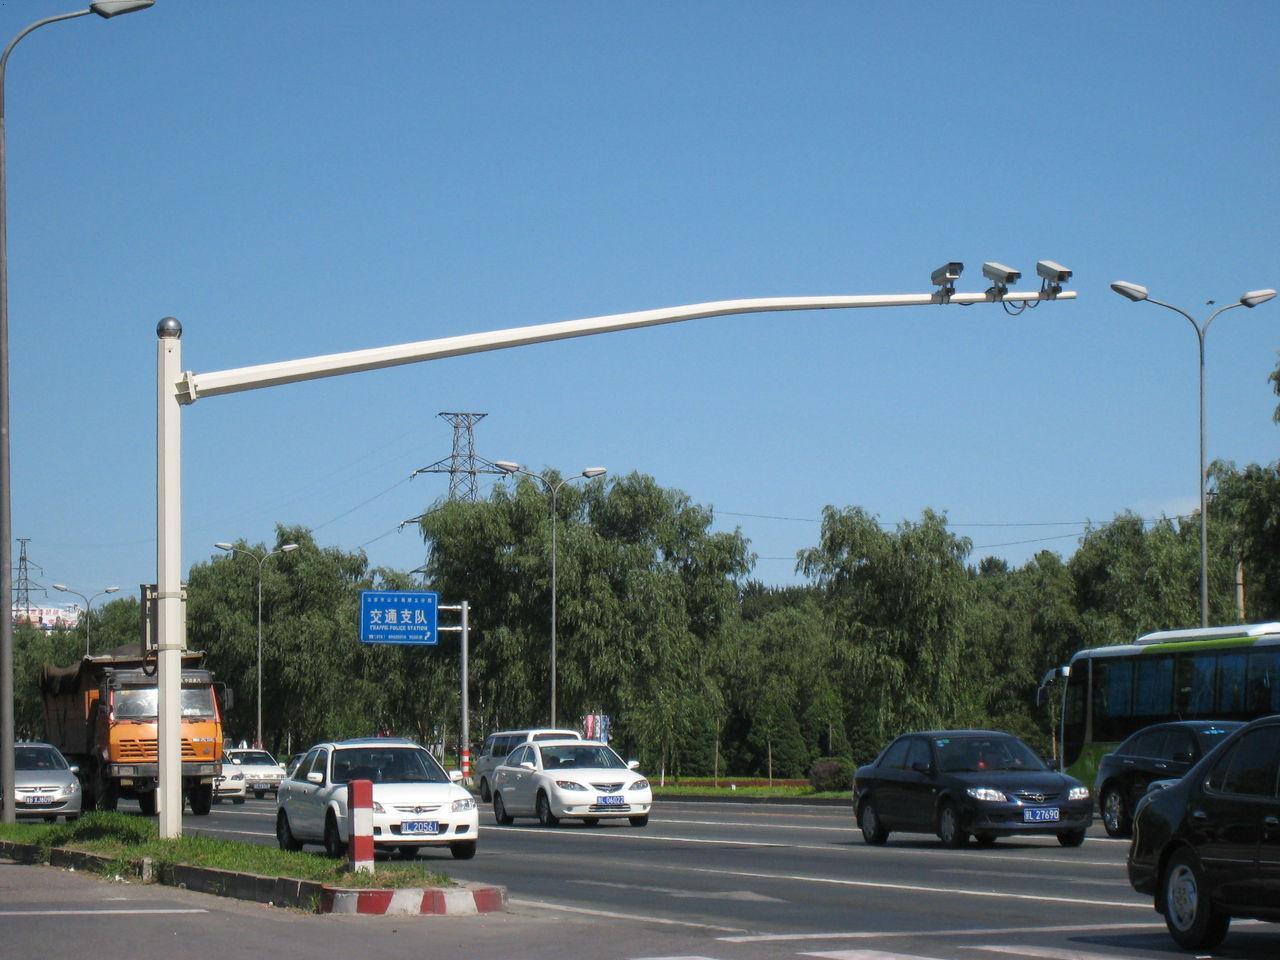 河南省郑州市航海路上的摄像机立杆